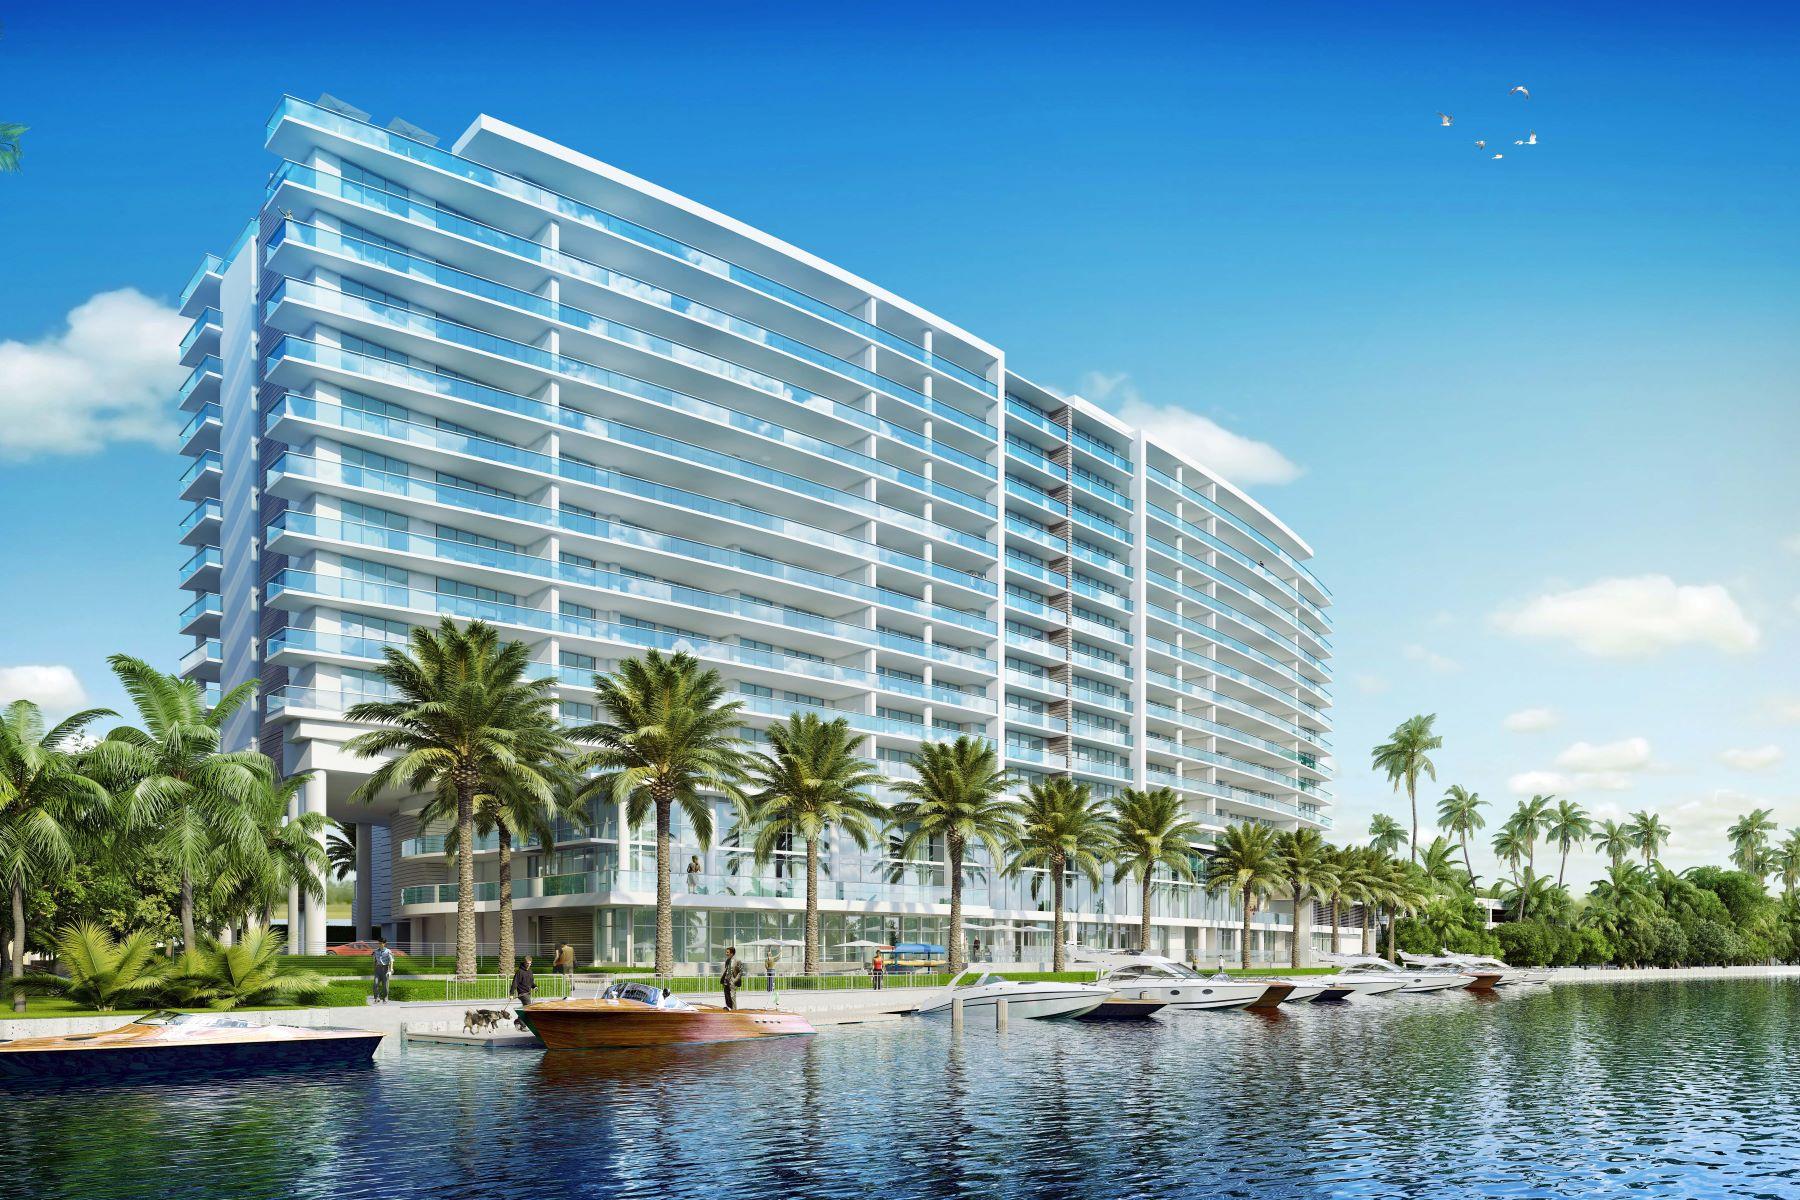 アパート のために 売買 アット 1180 N Federal Hwy #1001 1180 N Federal Hwy 1001 Fort Lauderdale, フロリダ, 33304 アメリカ合衆国